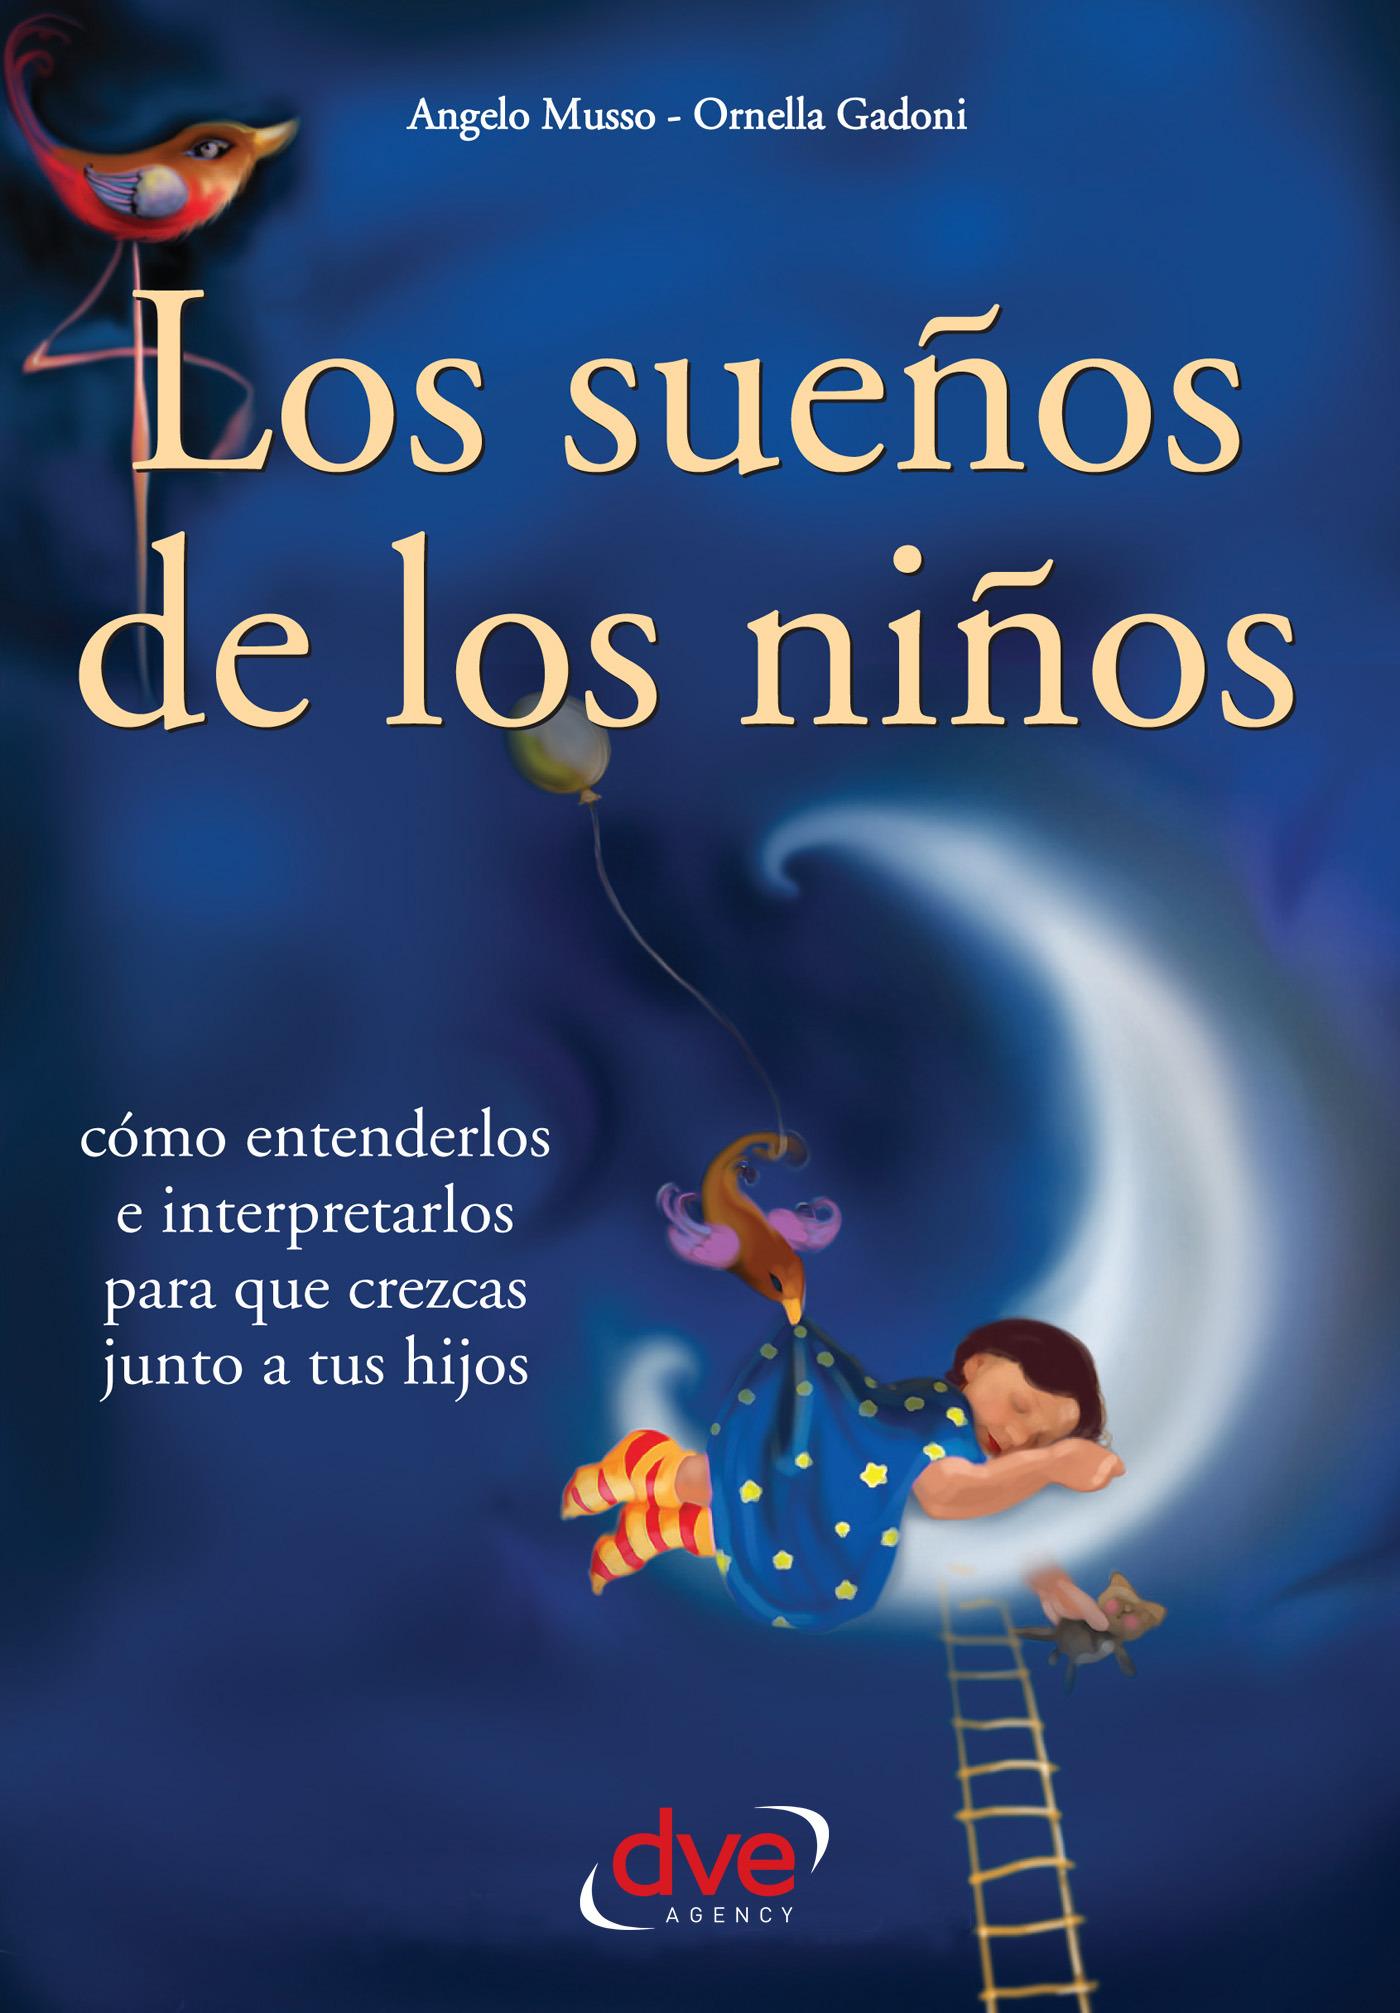 Gadoni, Ornella - Los sueños de los niños, ebook